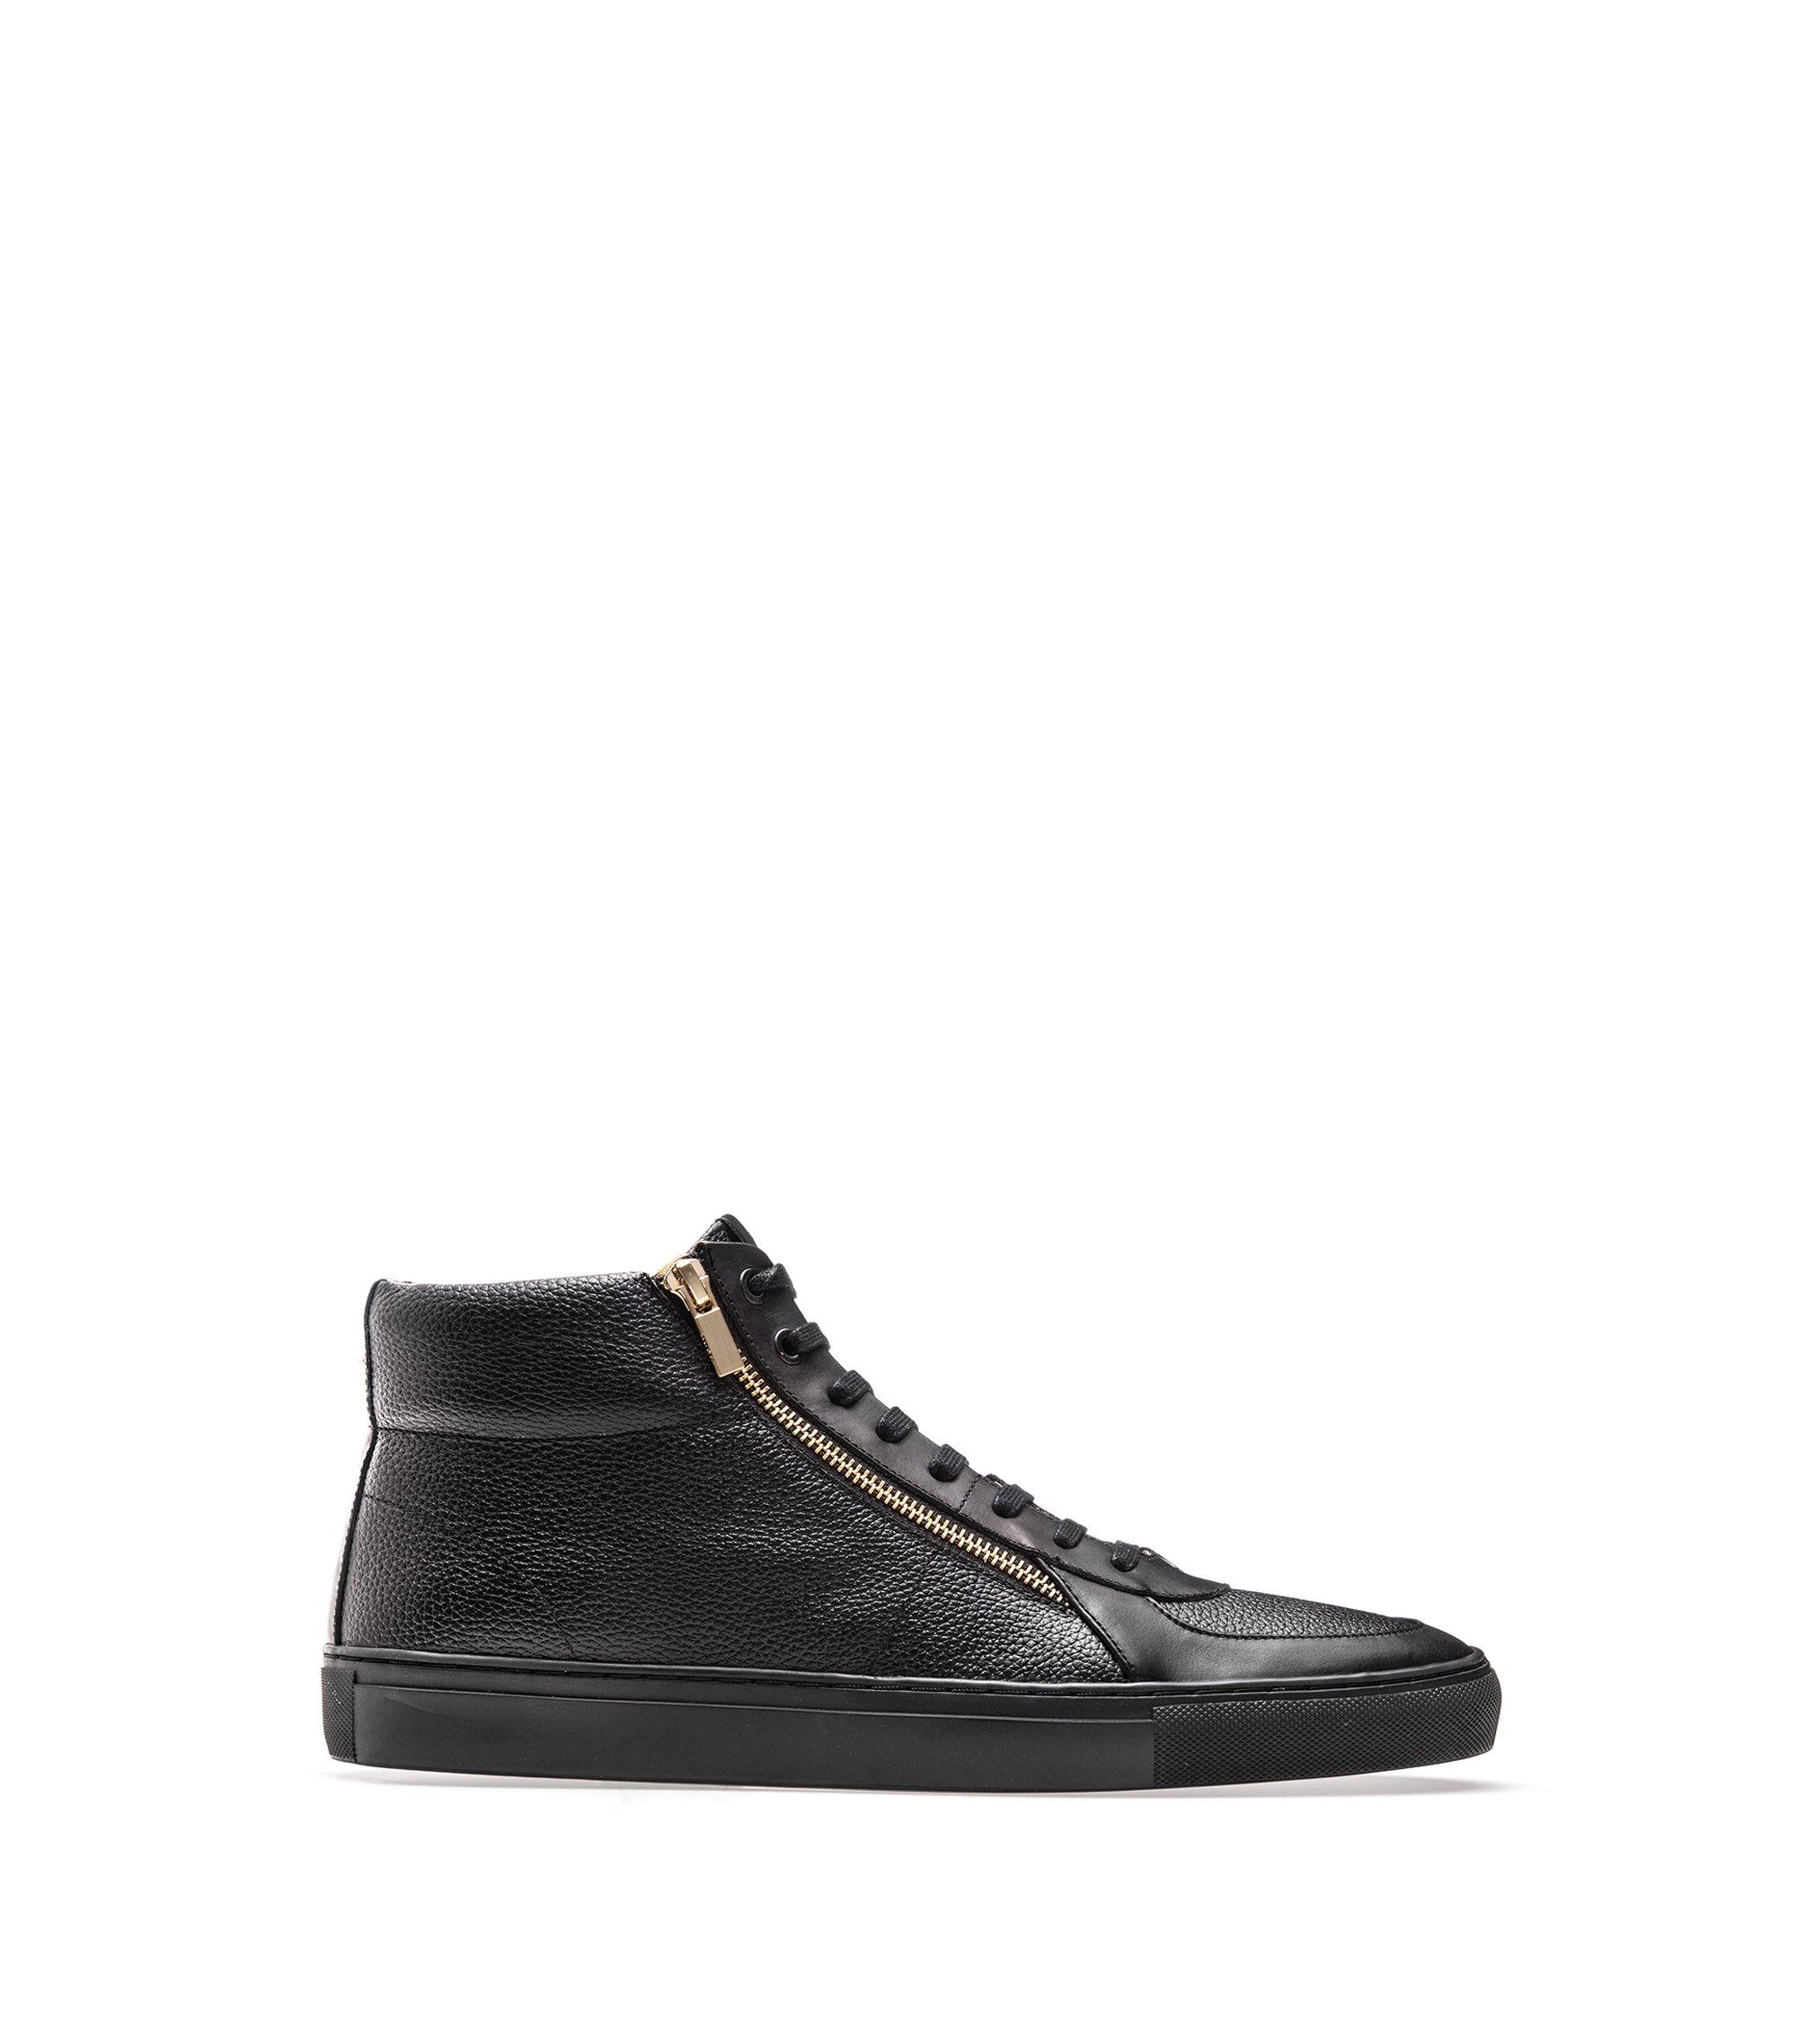 Hoge sneakers van bewerkt leer en nappaleer met dubbel ritsdetail, Zwart